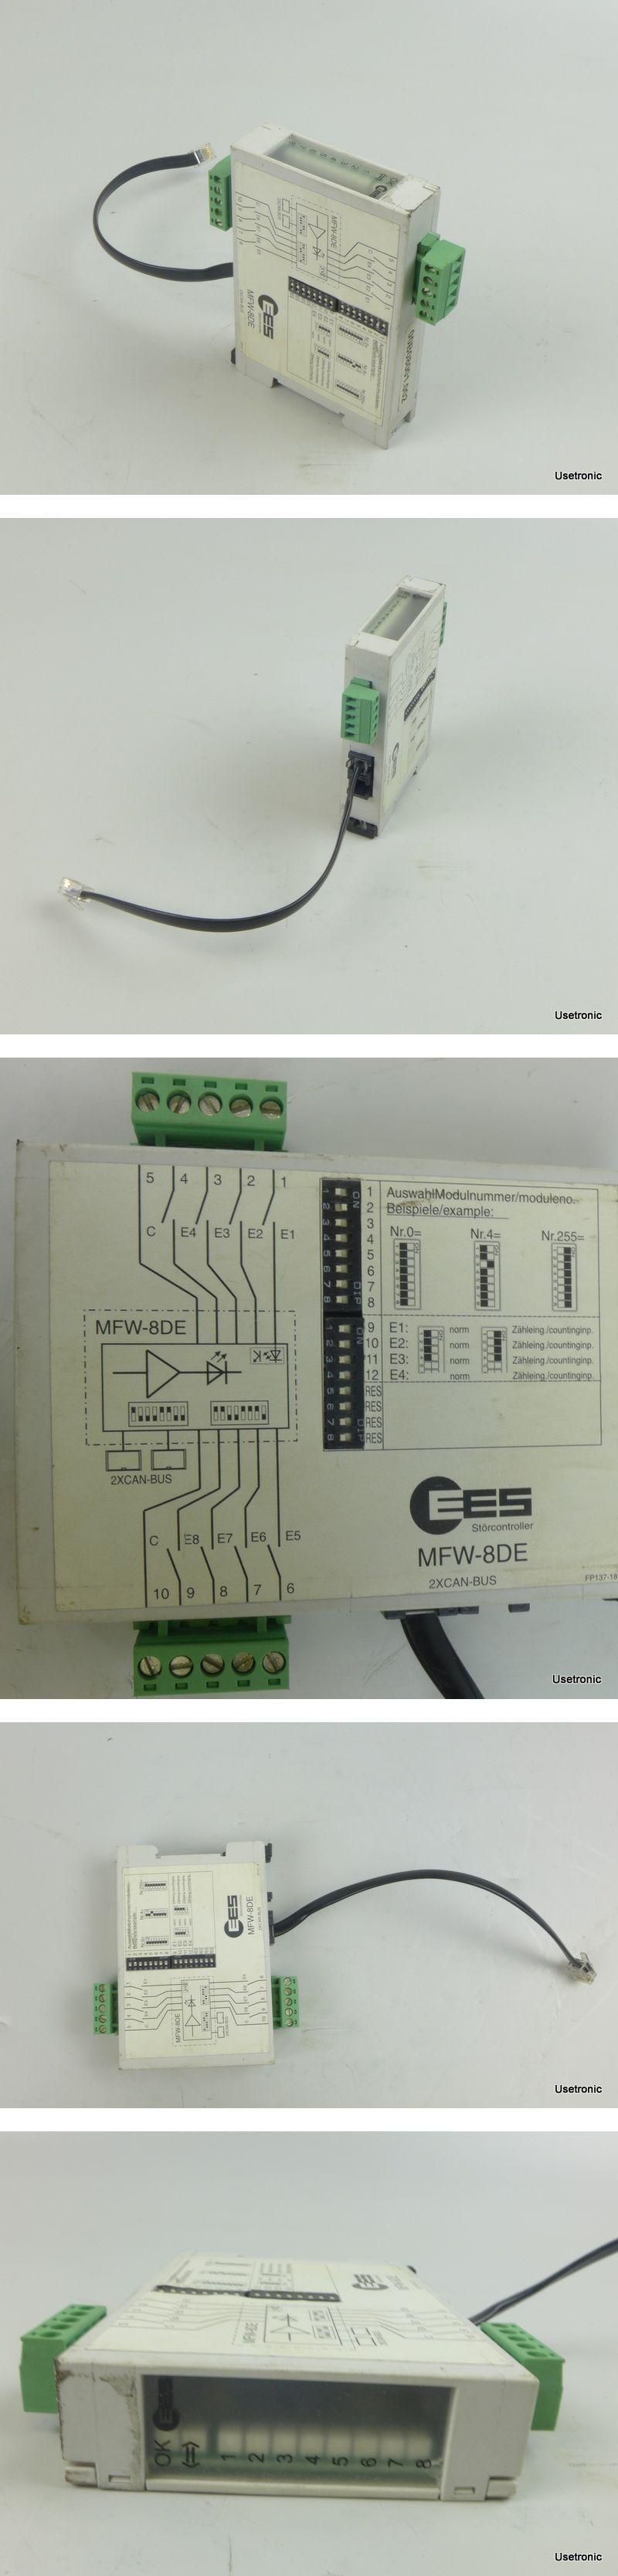 EES MFW-8DE